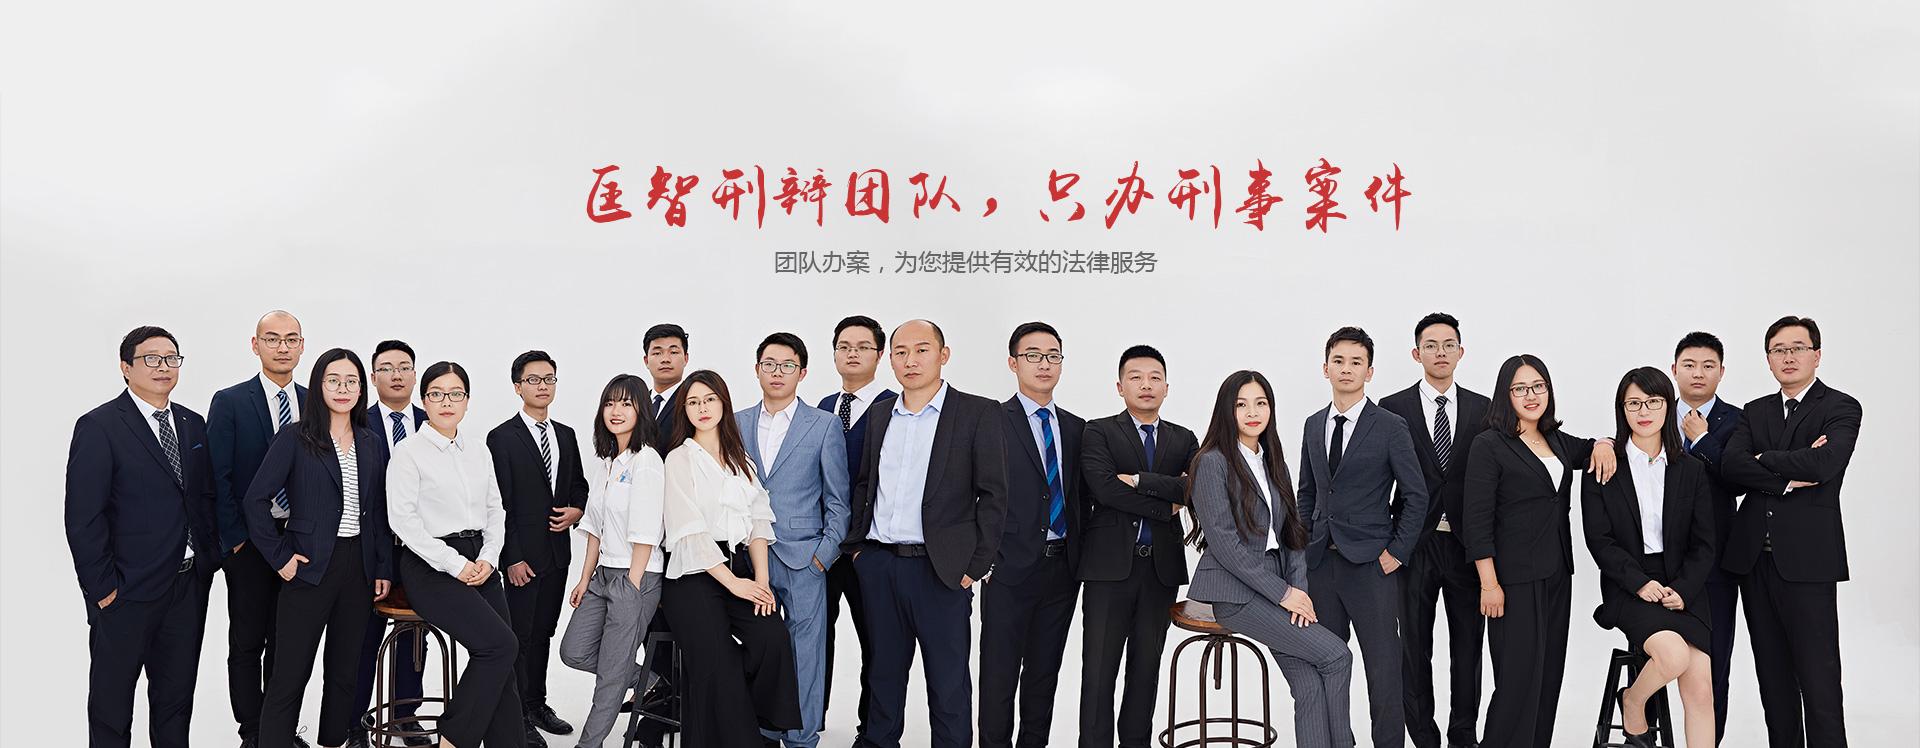 浙江匡智律师事务所刑事部-郑君律师